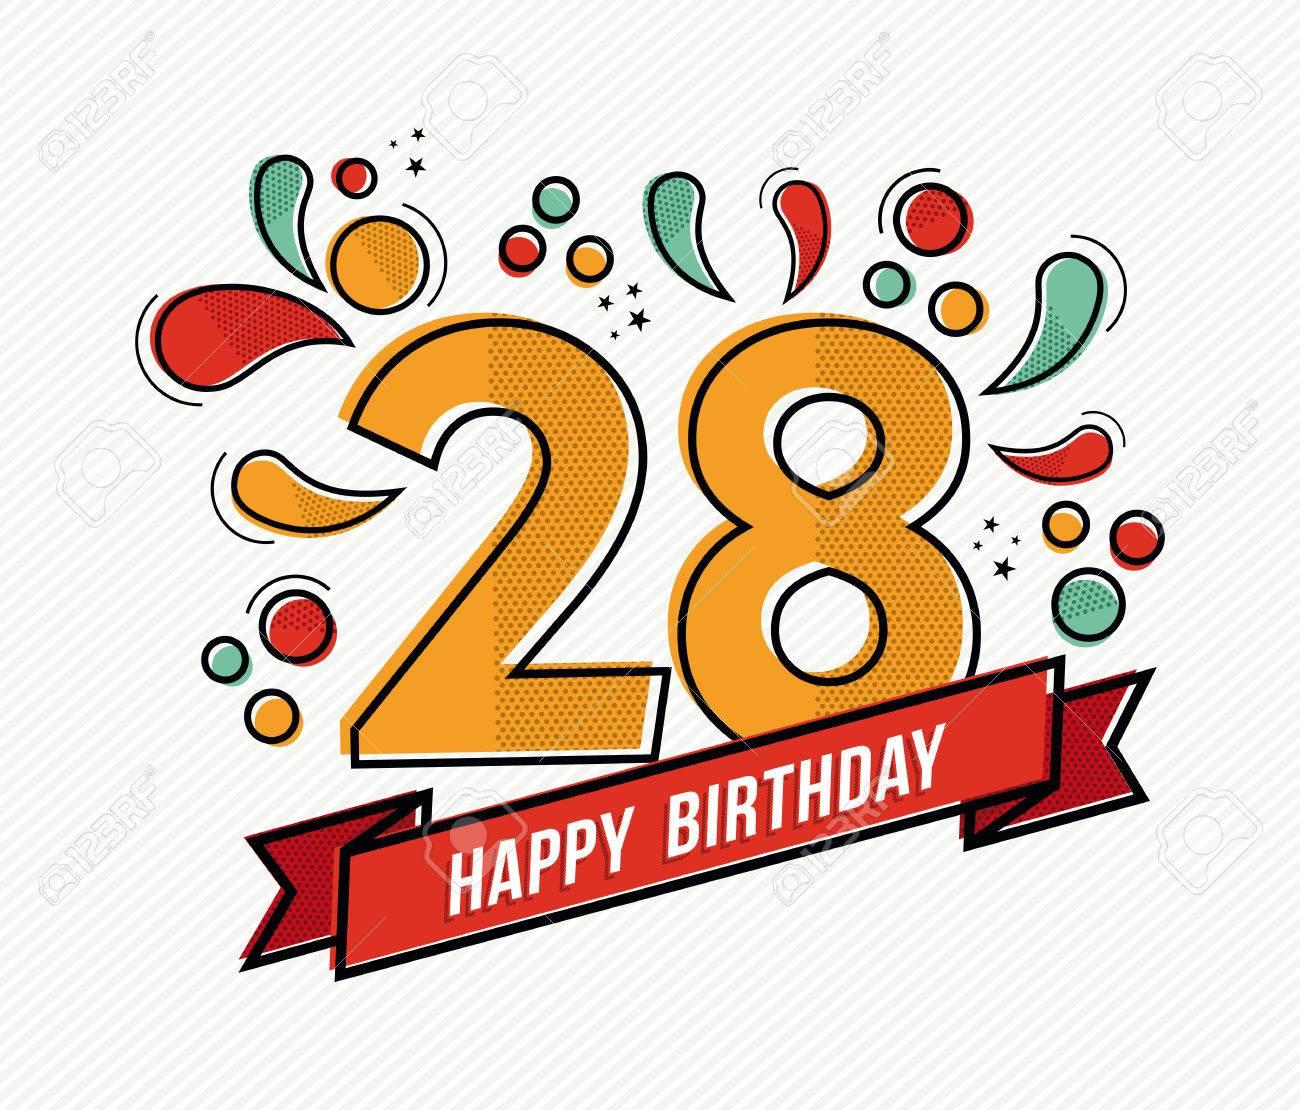 Gluckwunschkarte Mit Hund Zum 28 Geburtstag Geburtstagsspruche Welt